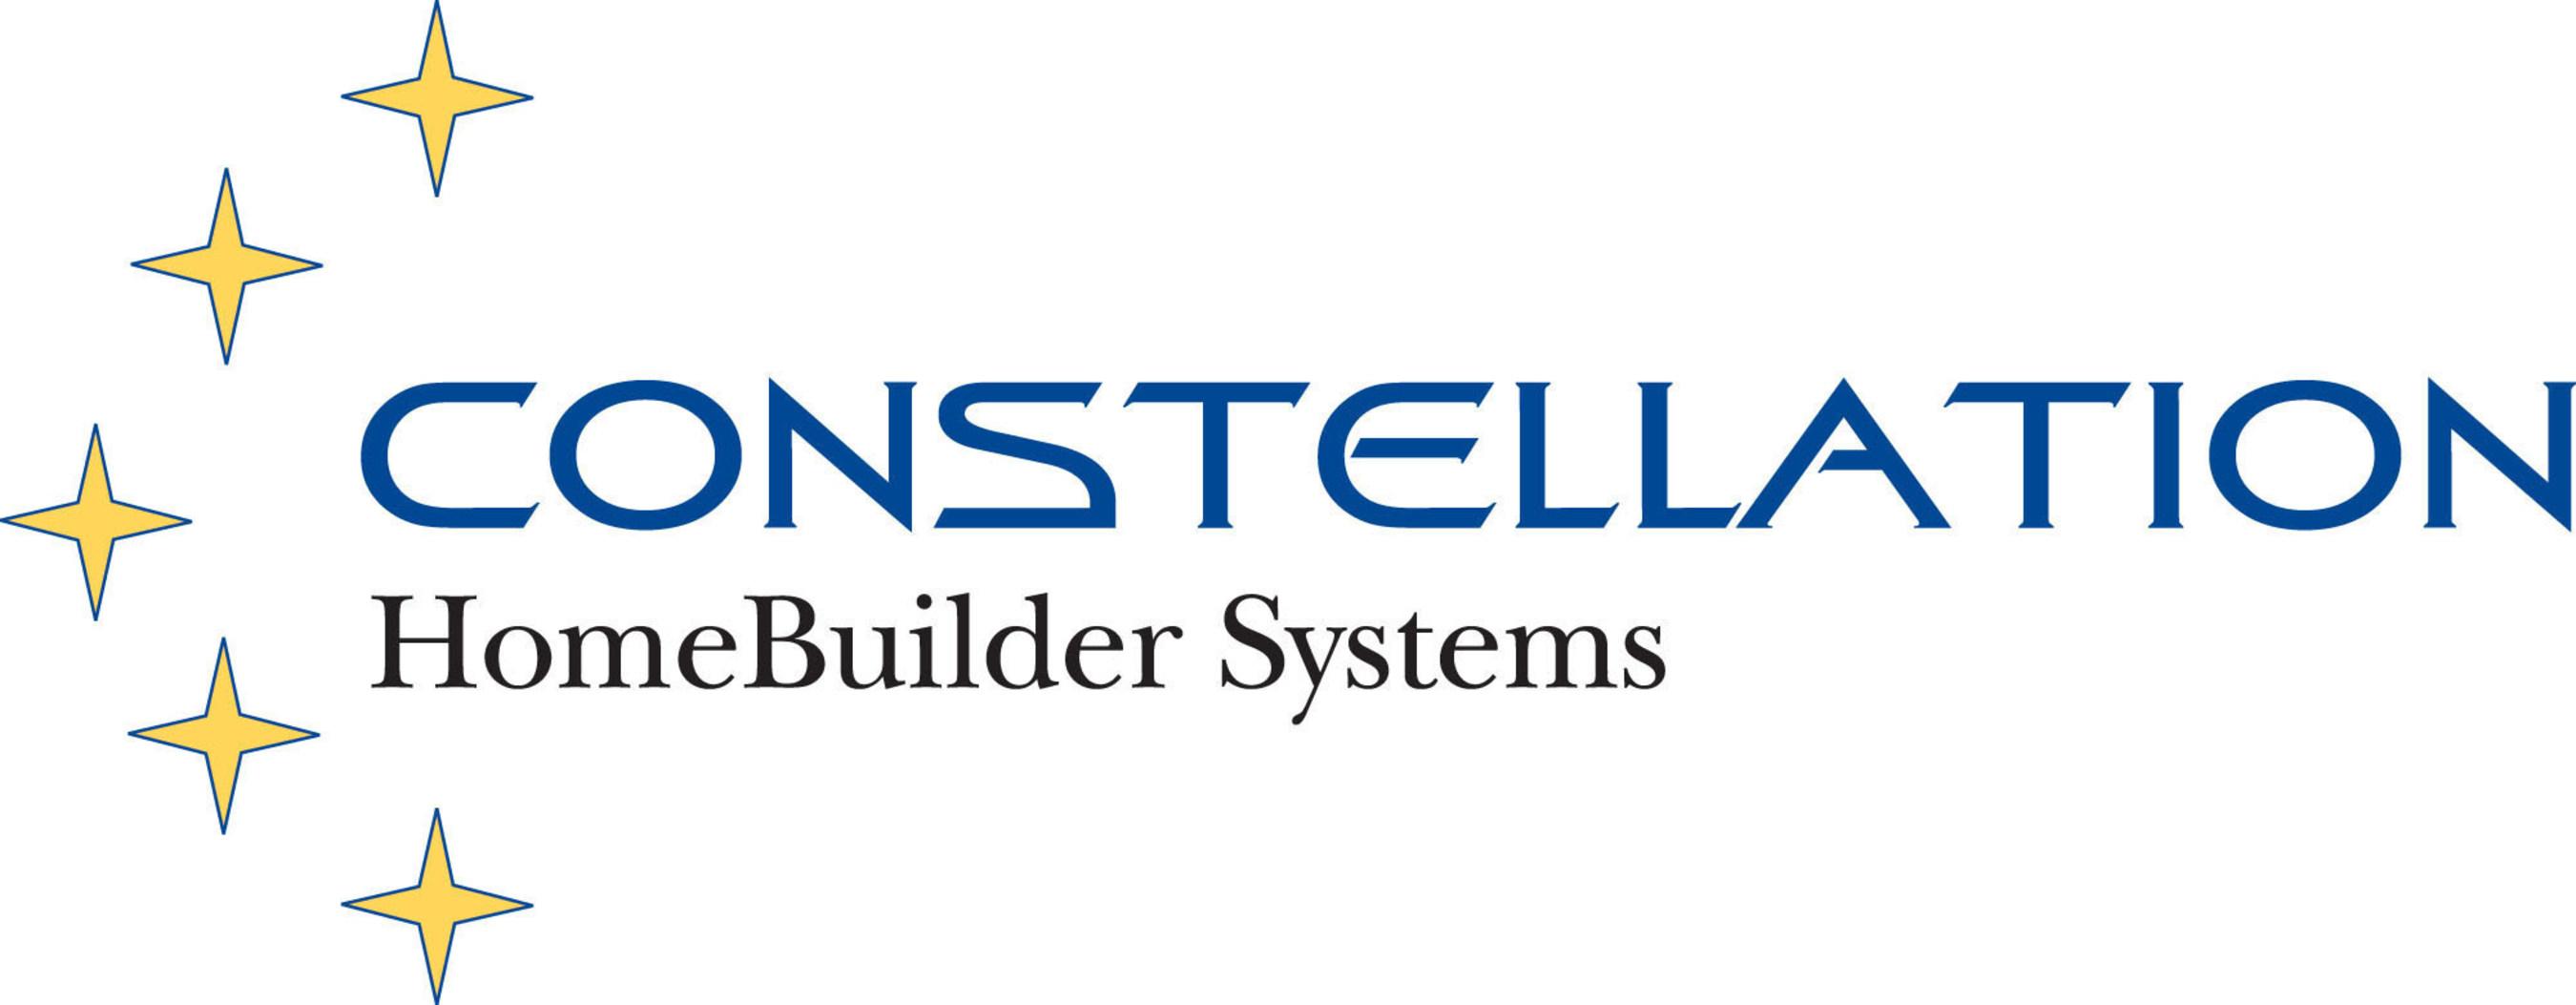 Constellation Homebuilder Systems Acquires Woodland O Brien Scott